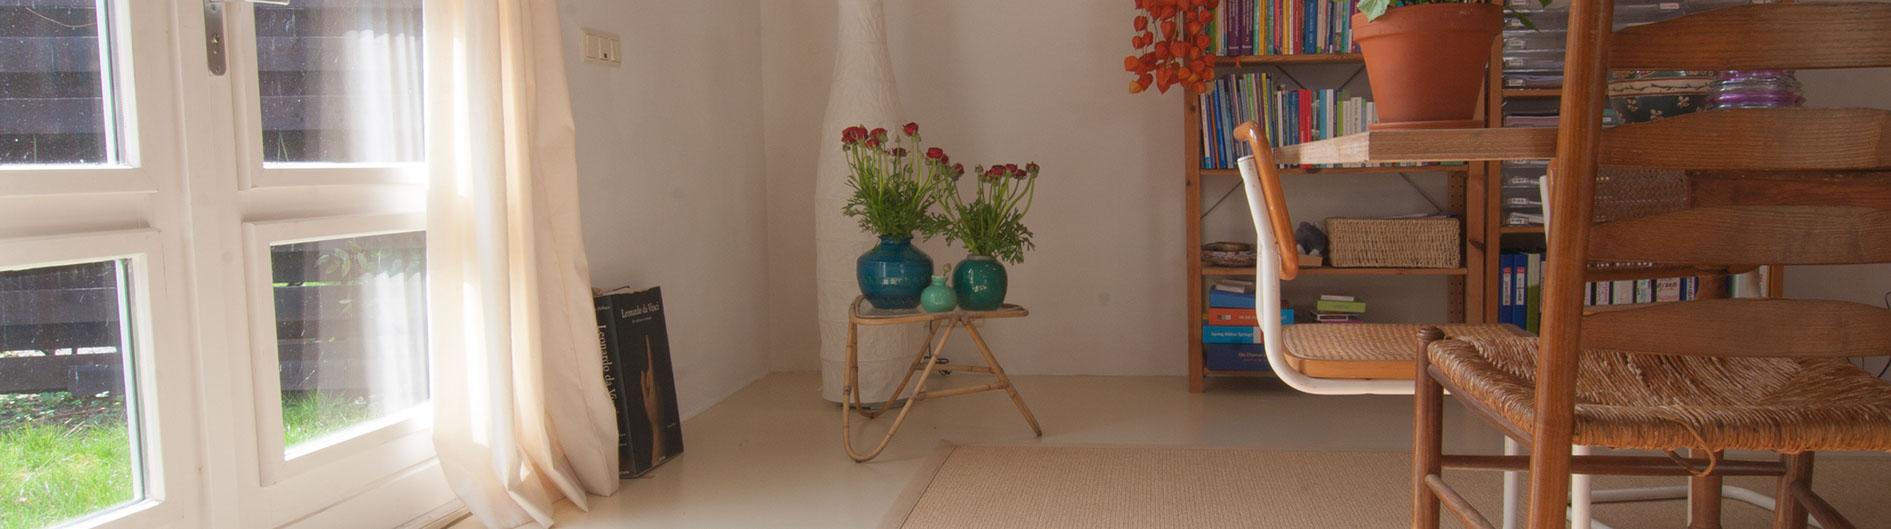 http://www.praktijkvandijk.info/images/praktijk-van-dijk-interieur3-2500x700.jpg?crc=4210968079